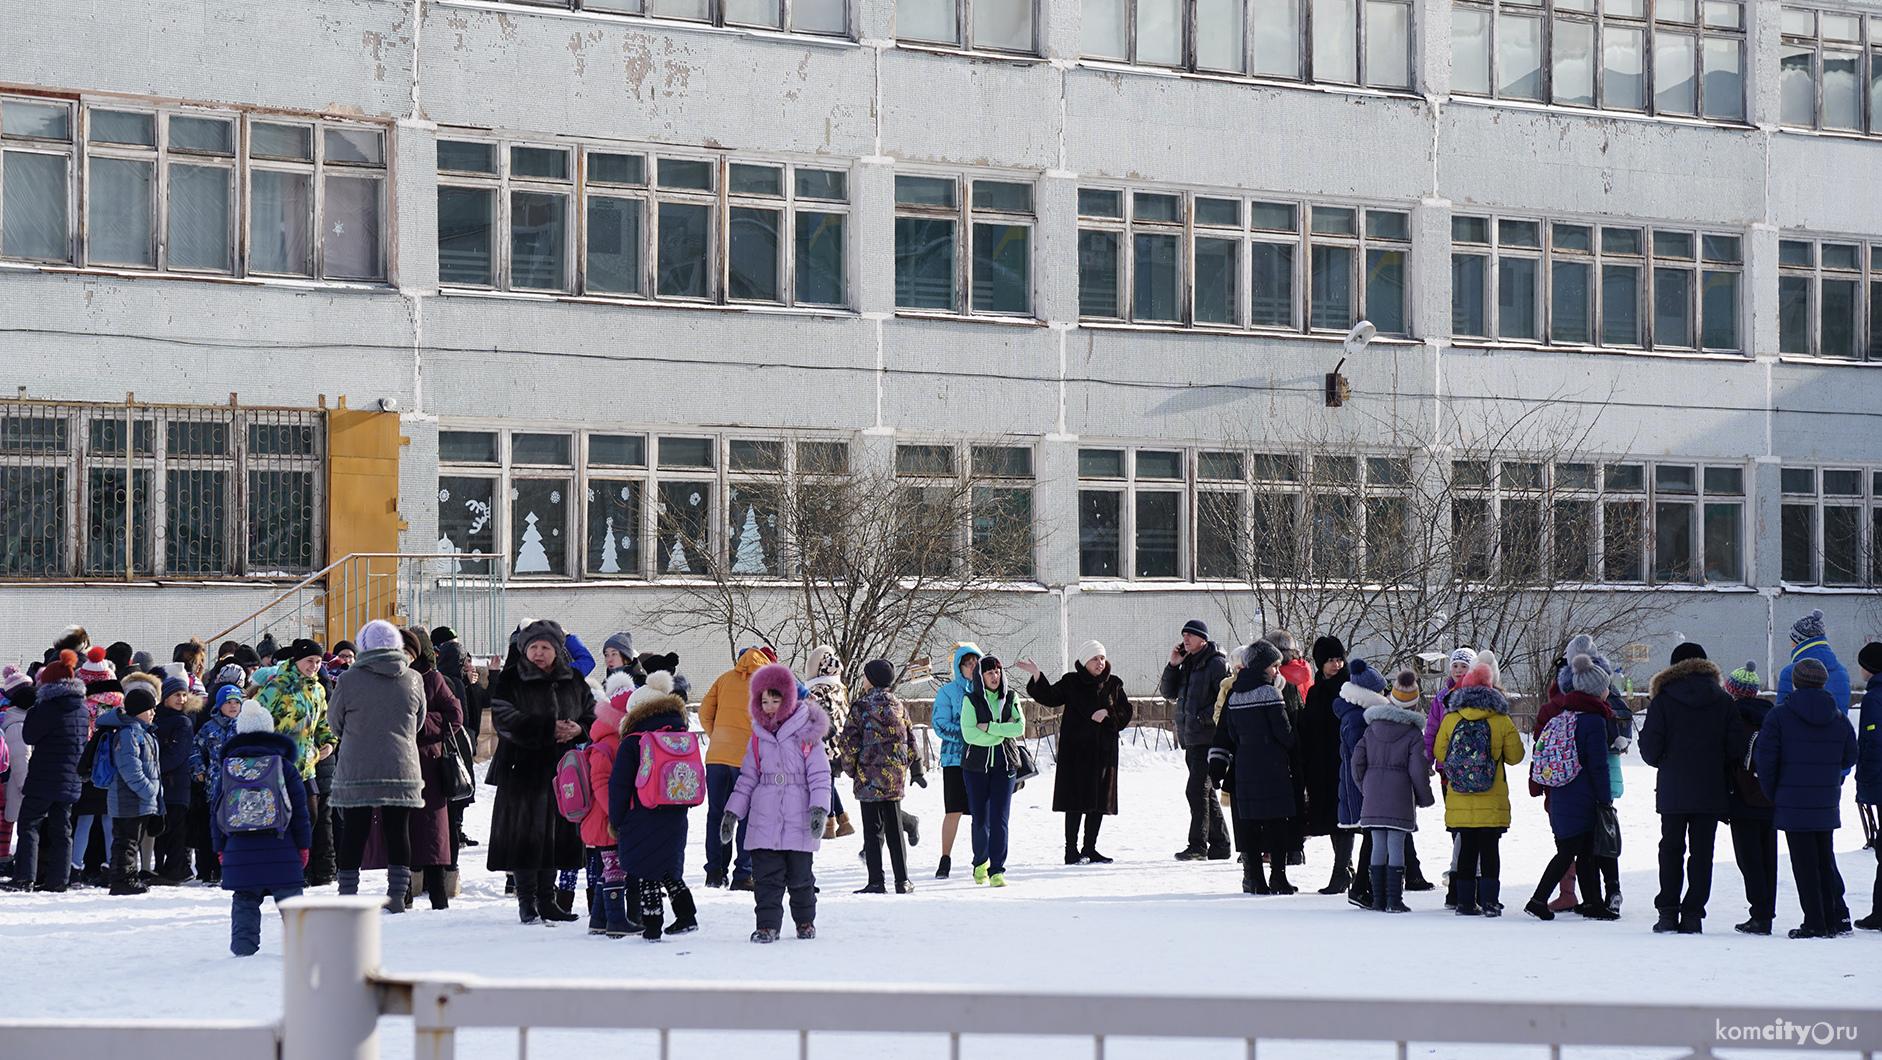 Фото. В стенах школы №37 Космомольска-на-Амуре учитель избил второклассника